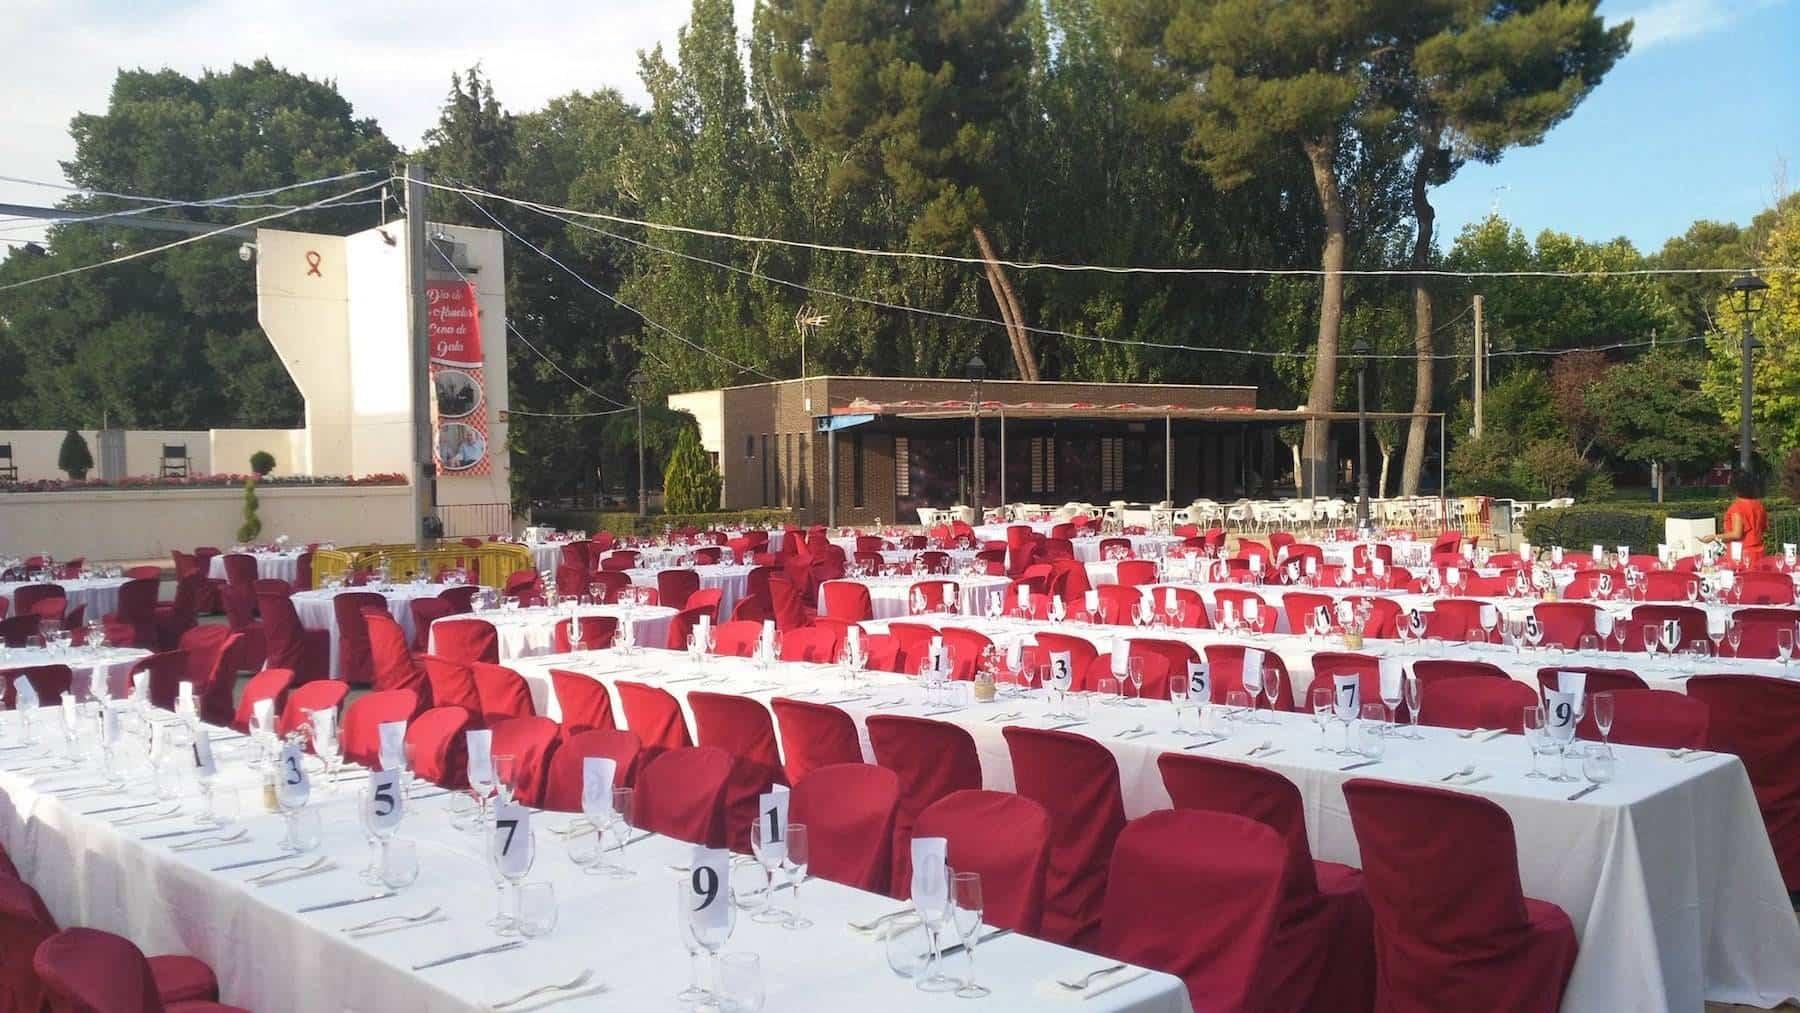 cena de gala herencia mayores 2a - Todo listo para la II Cena de Gala co motivo del Día de los Abuelos